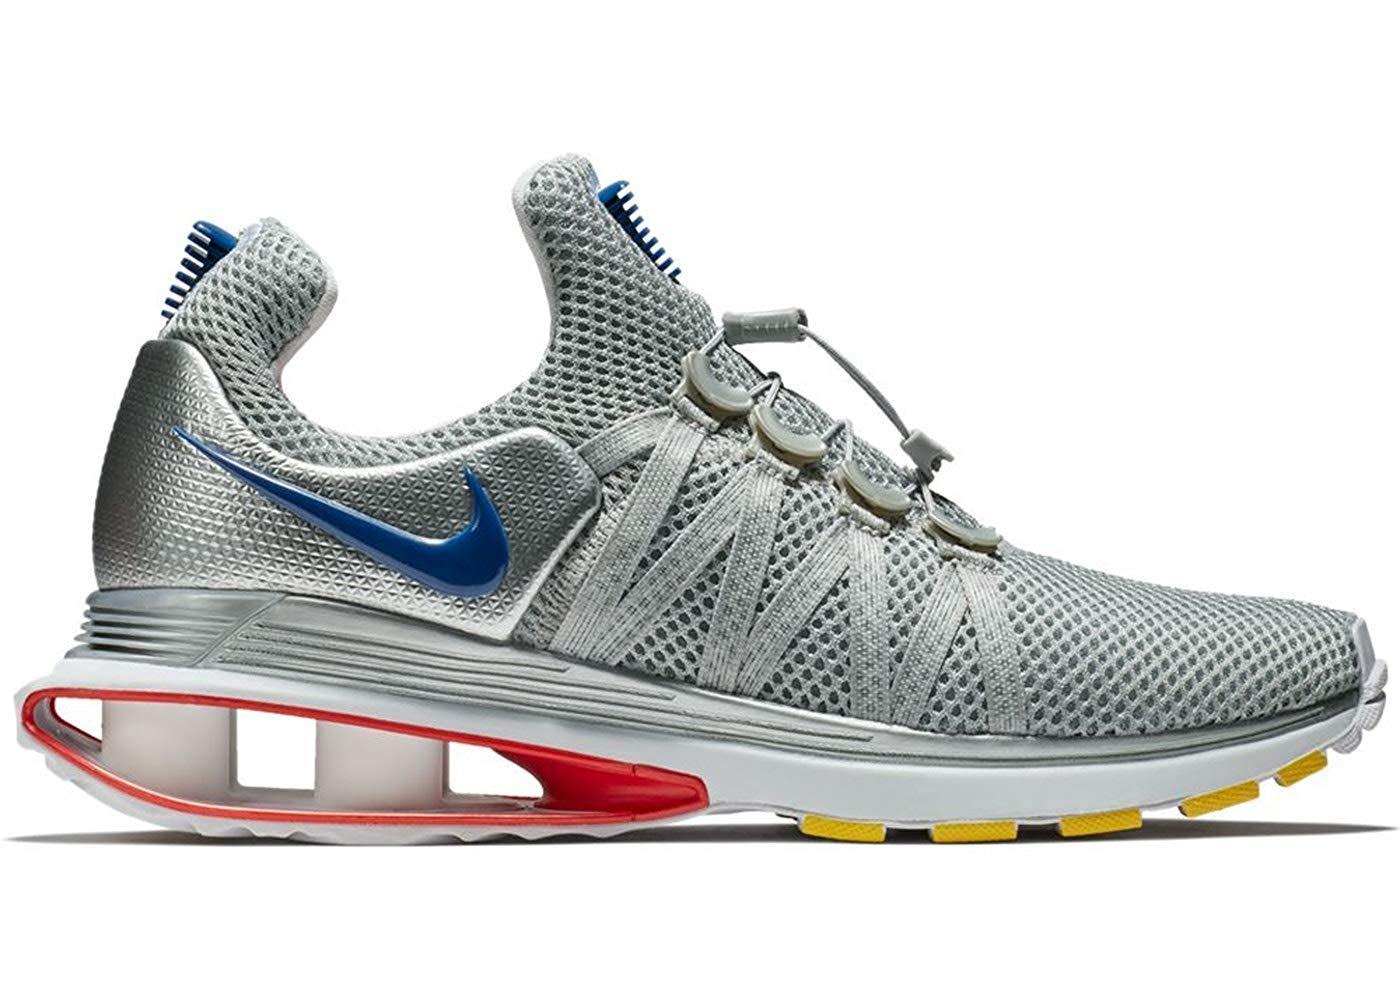 Nike Shox Gravity Men's Running Shoes